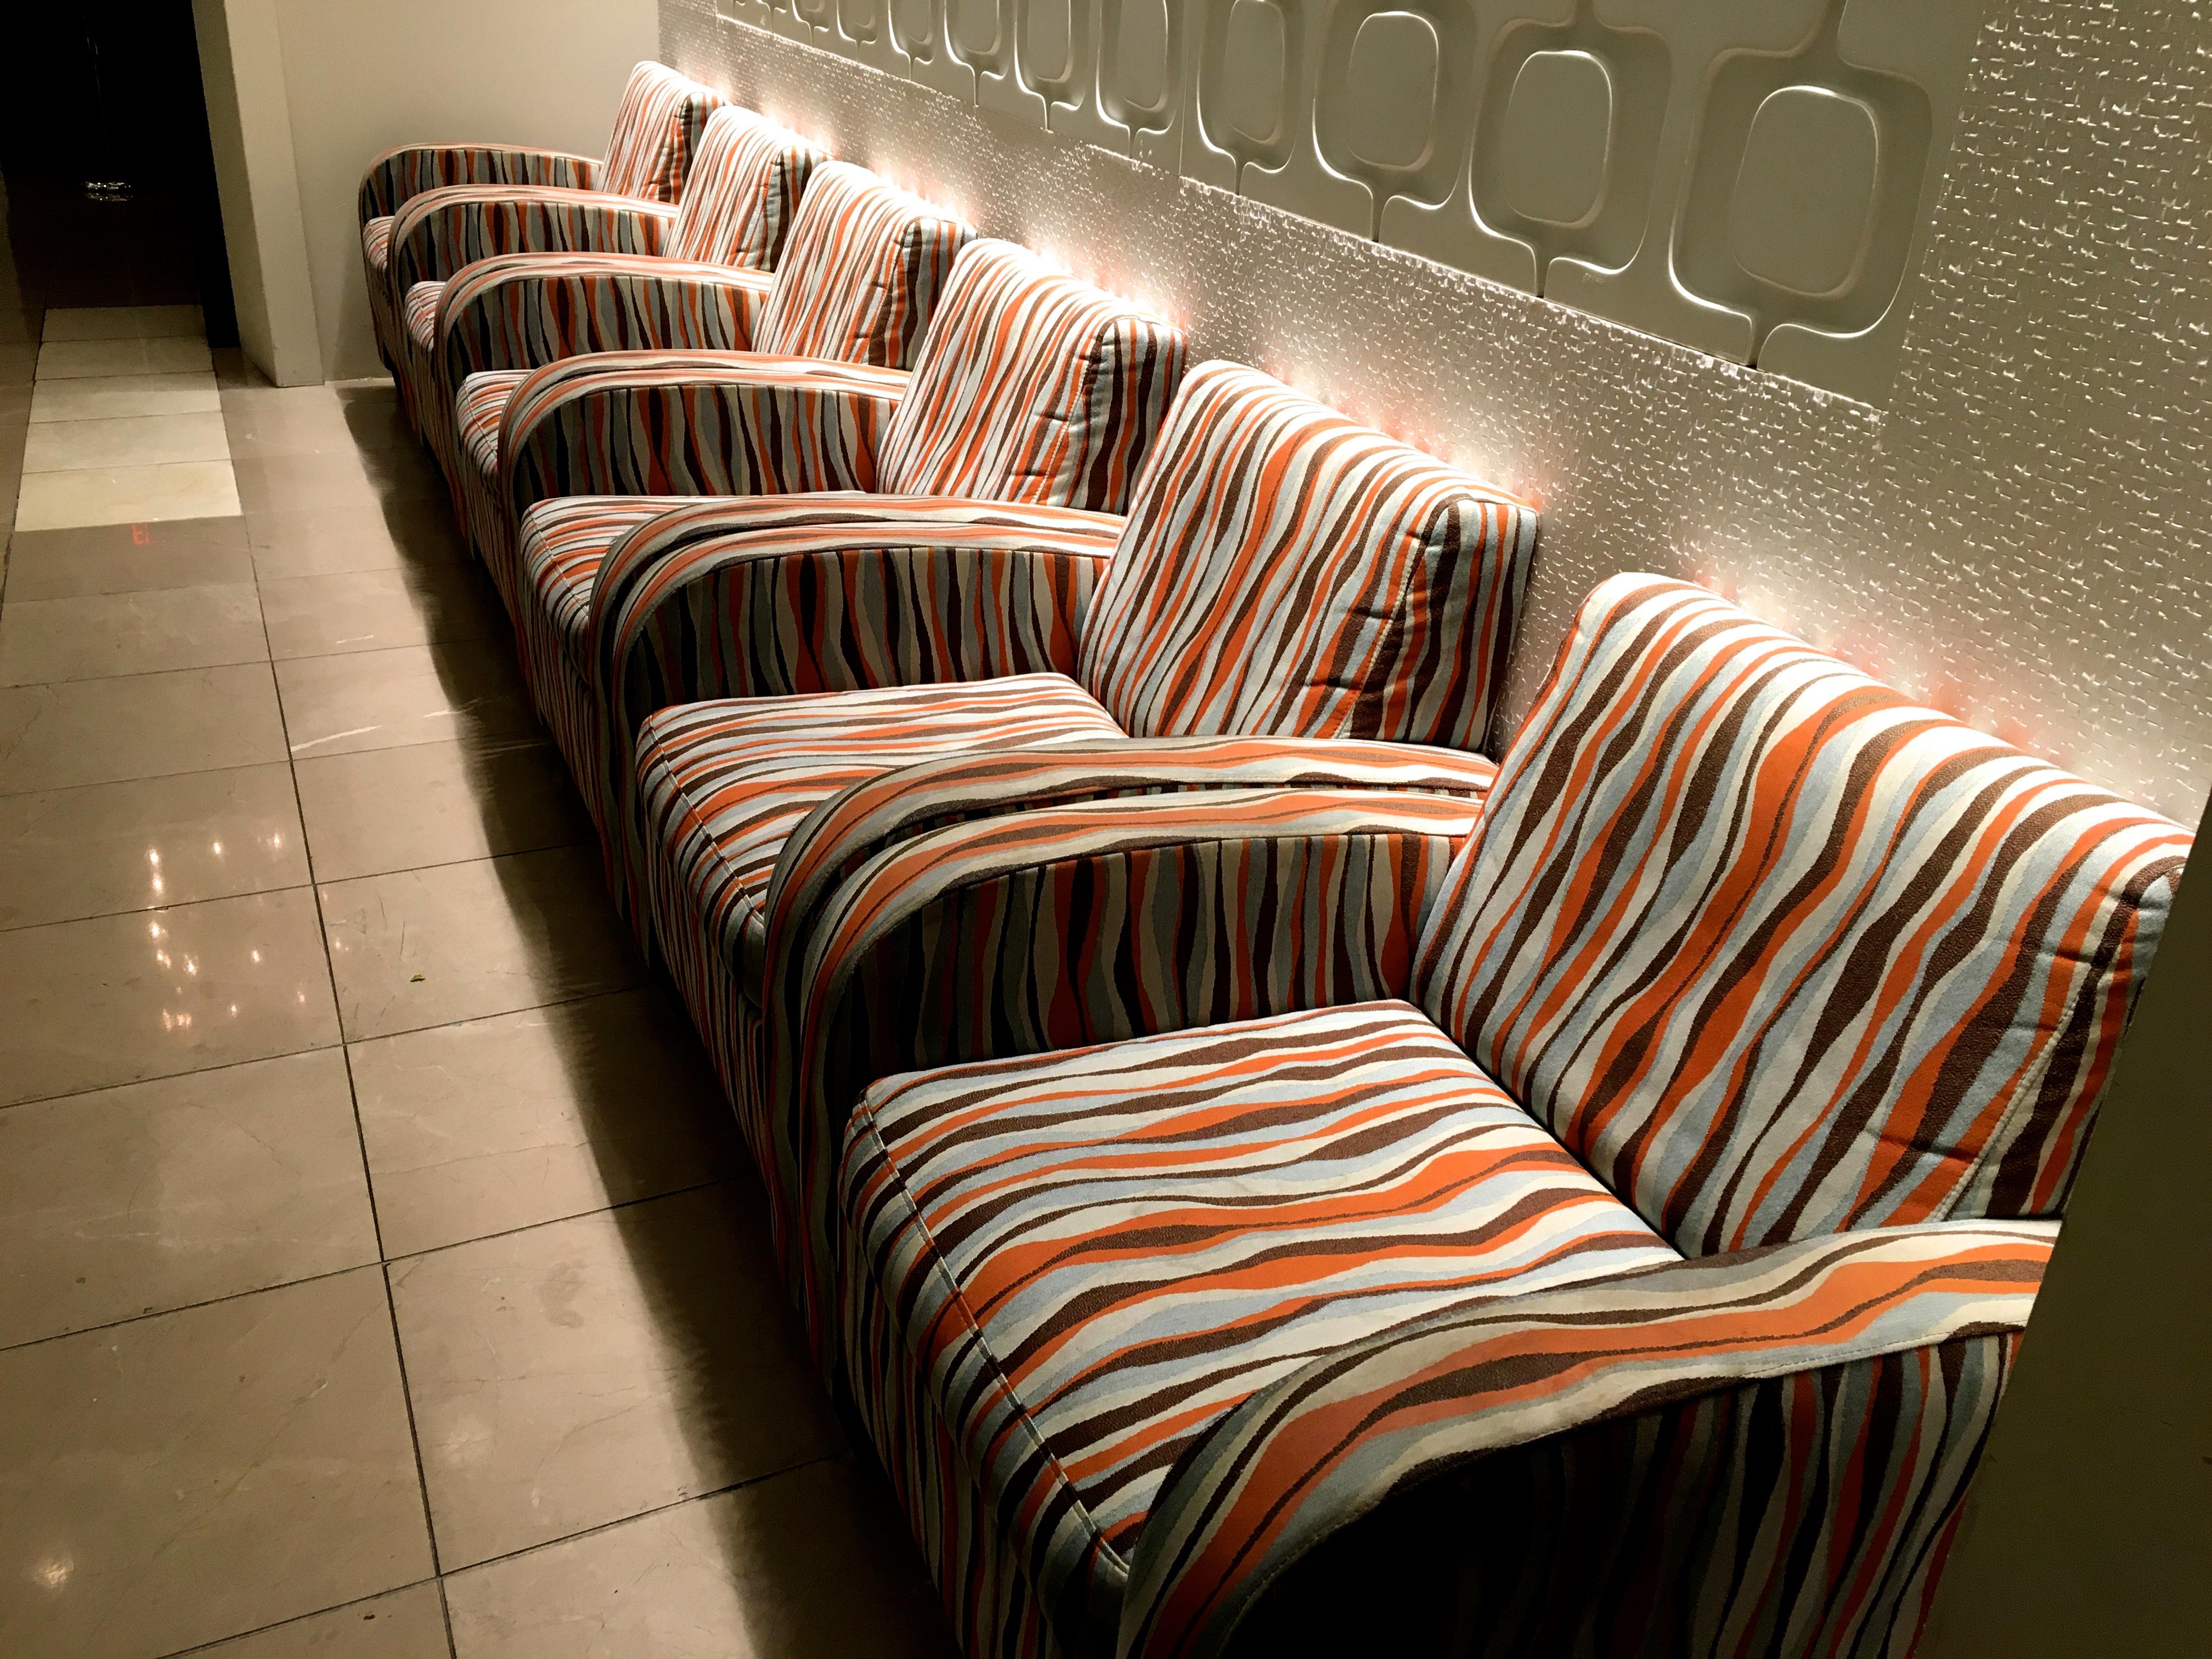 Mbel kostenlos kostenlos mbel abzugeben luxus das brillant sowie bar wohnzimmer mbel dein haus - Mobel entsorgen berlin ...